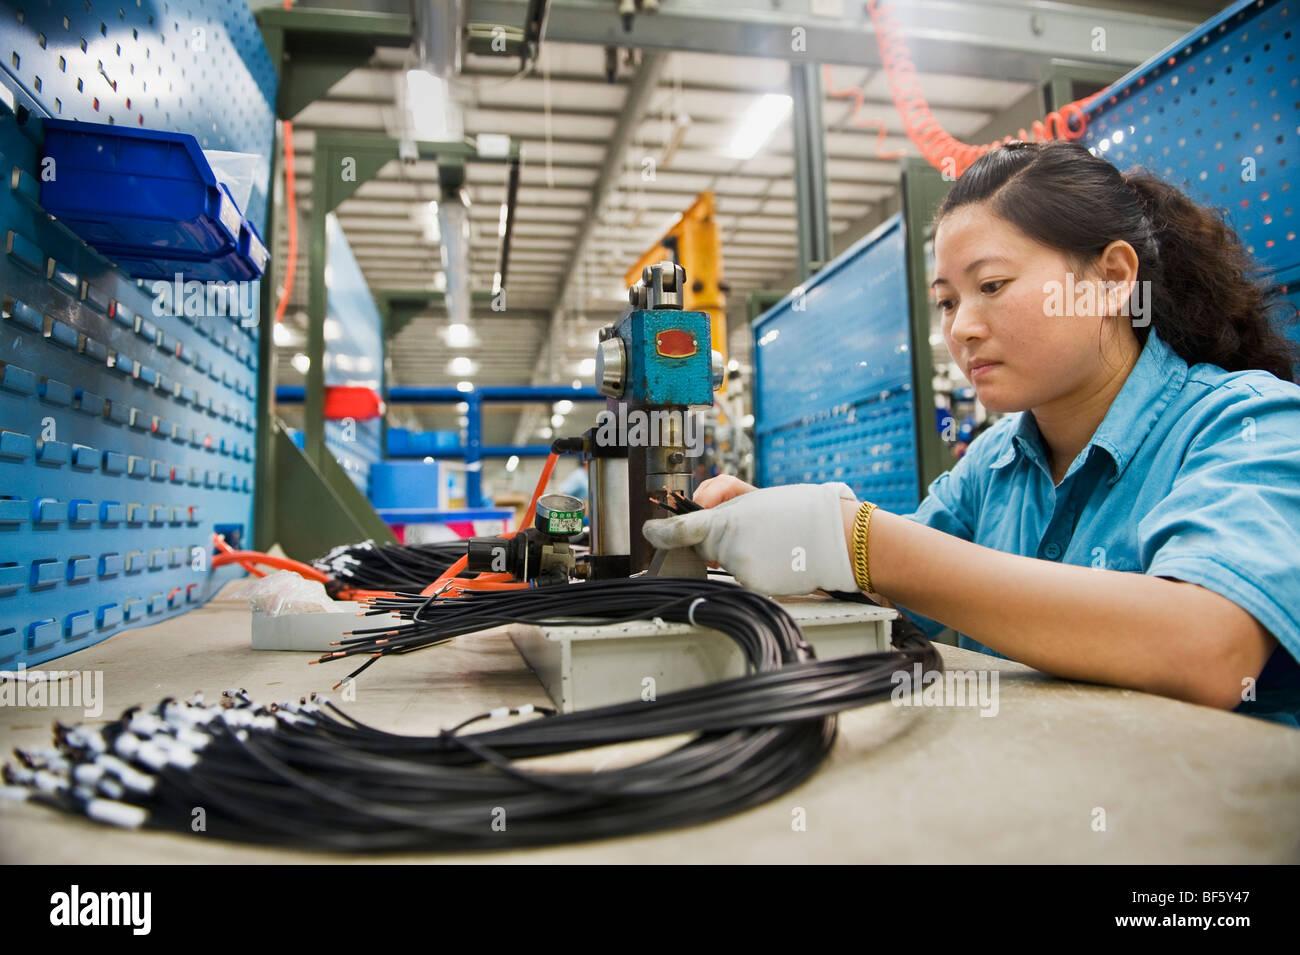 Un employé d'usine et d'engazonnement de serrage de petites pièces. Photo Stock